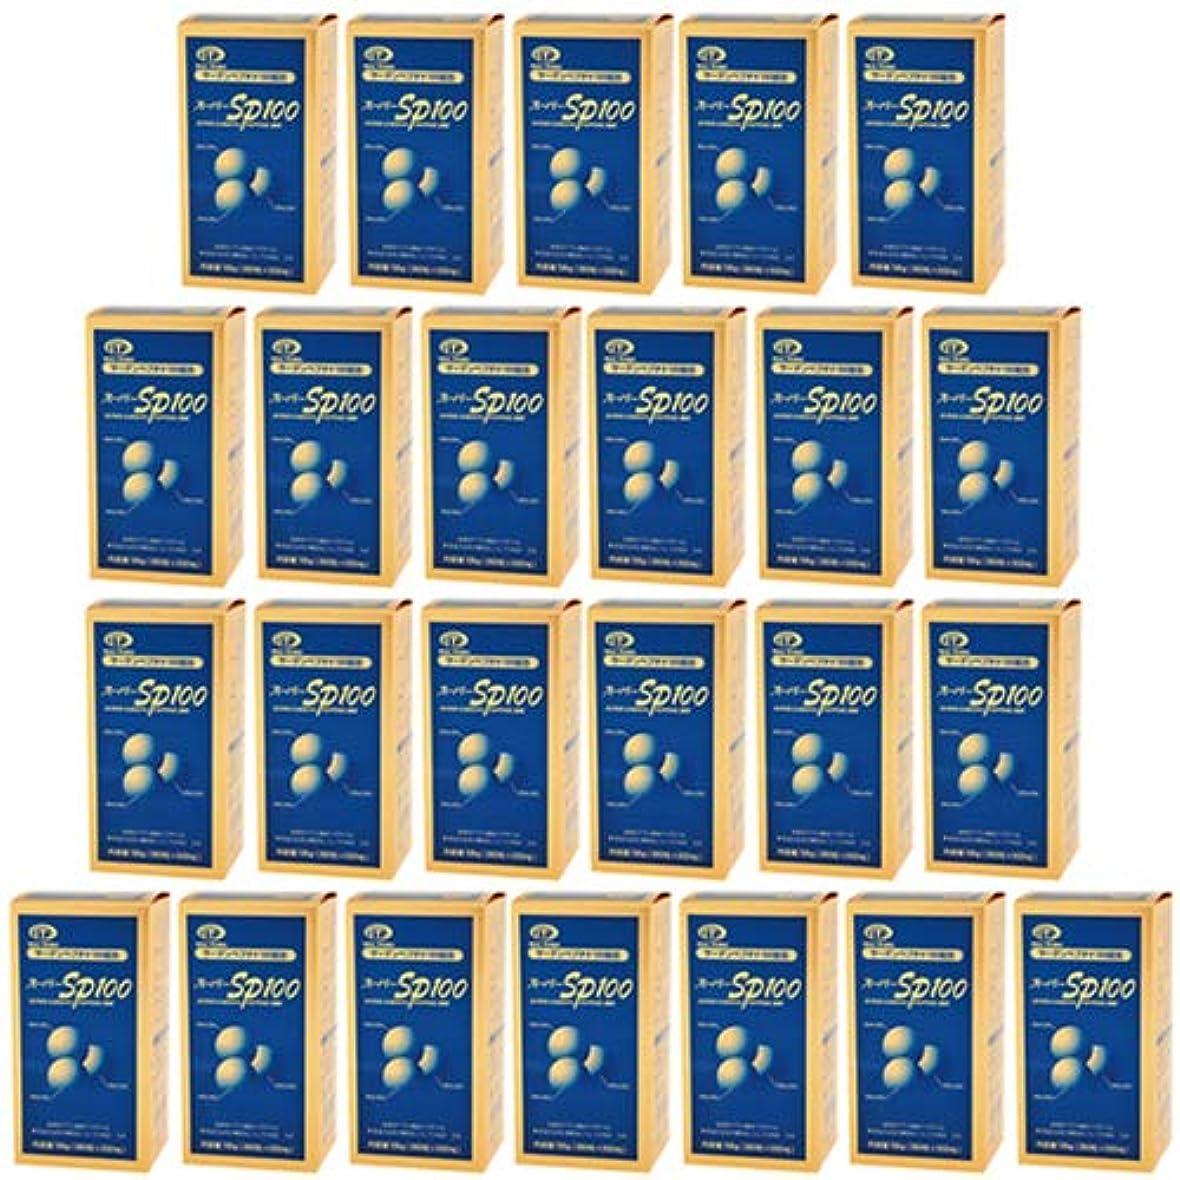 審判放射能何故なのスーパーSP100(イワシペプチド)(360粒) 24箱